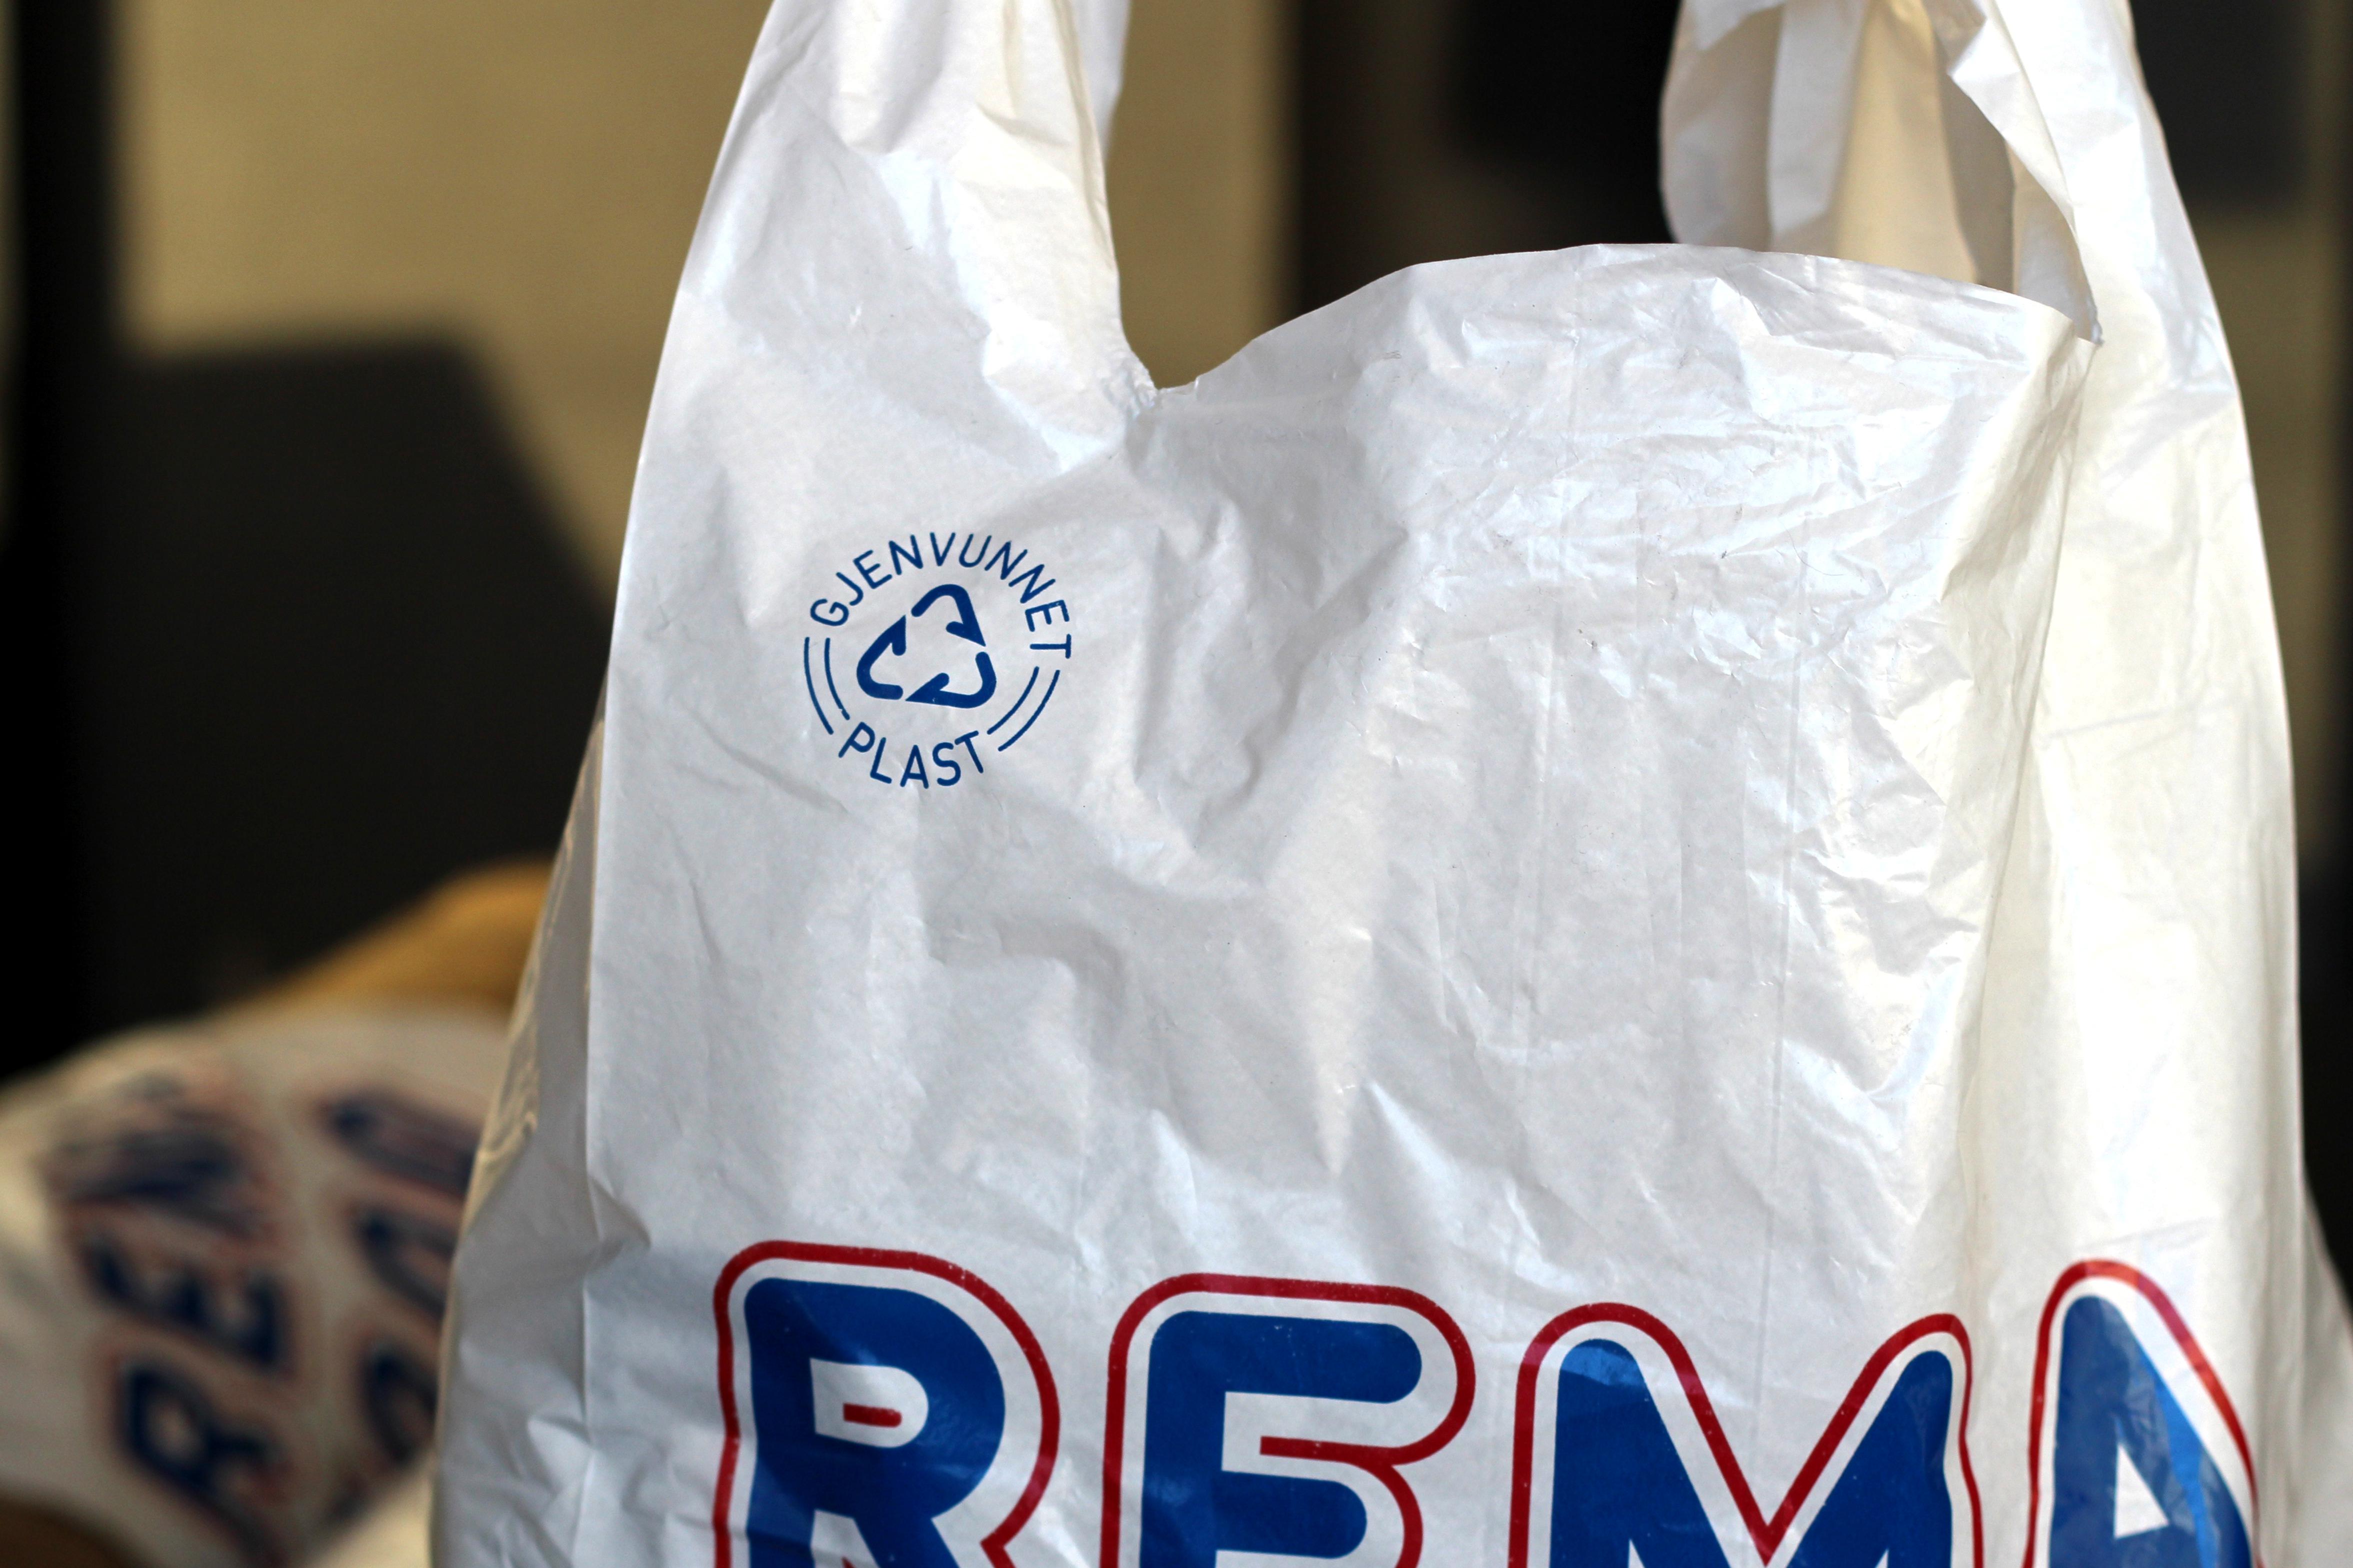 Du må ikke legge den i plastikkpose